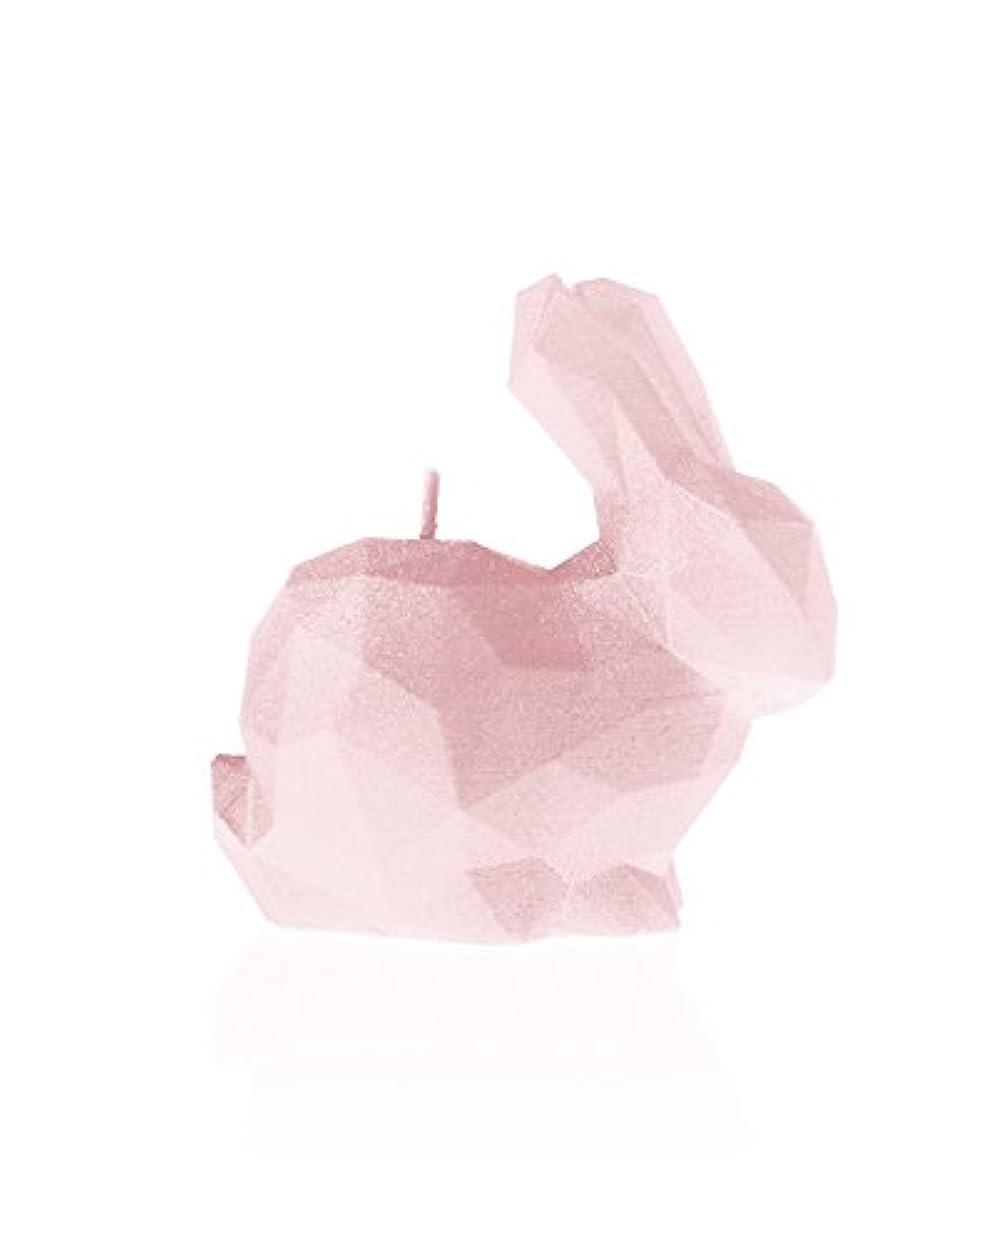 一目に対処する内陸Candellana Candles 5902650678743 Bunny Candellana- Bunny Candle-Powder Pink,Powder Pink,Small